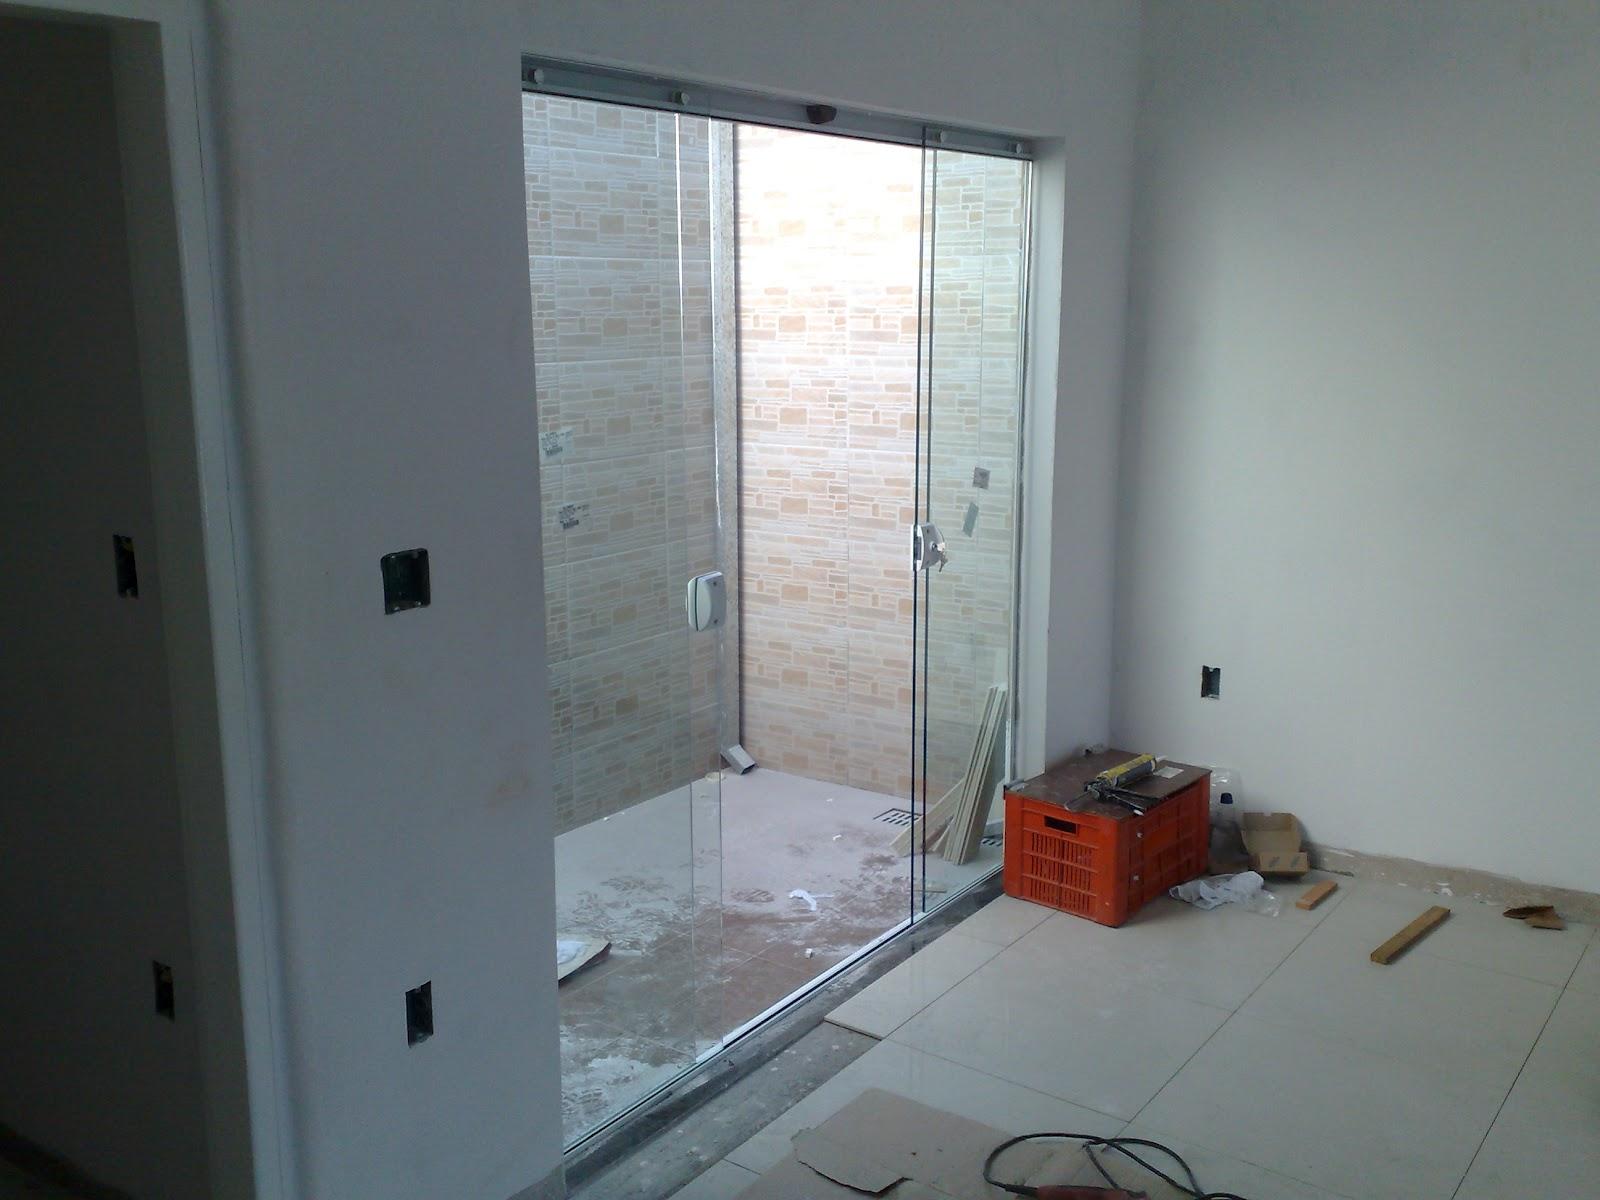 da minha primeira casa: Vidros Blindex instalados e Porcelanato #732C1D 1600 1200